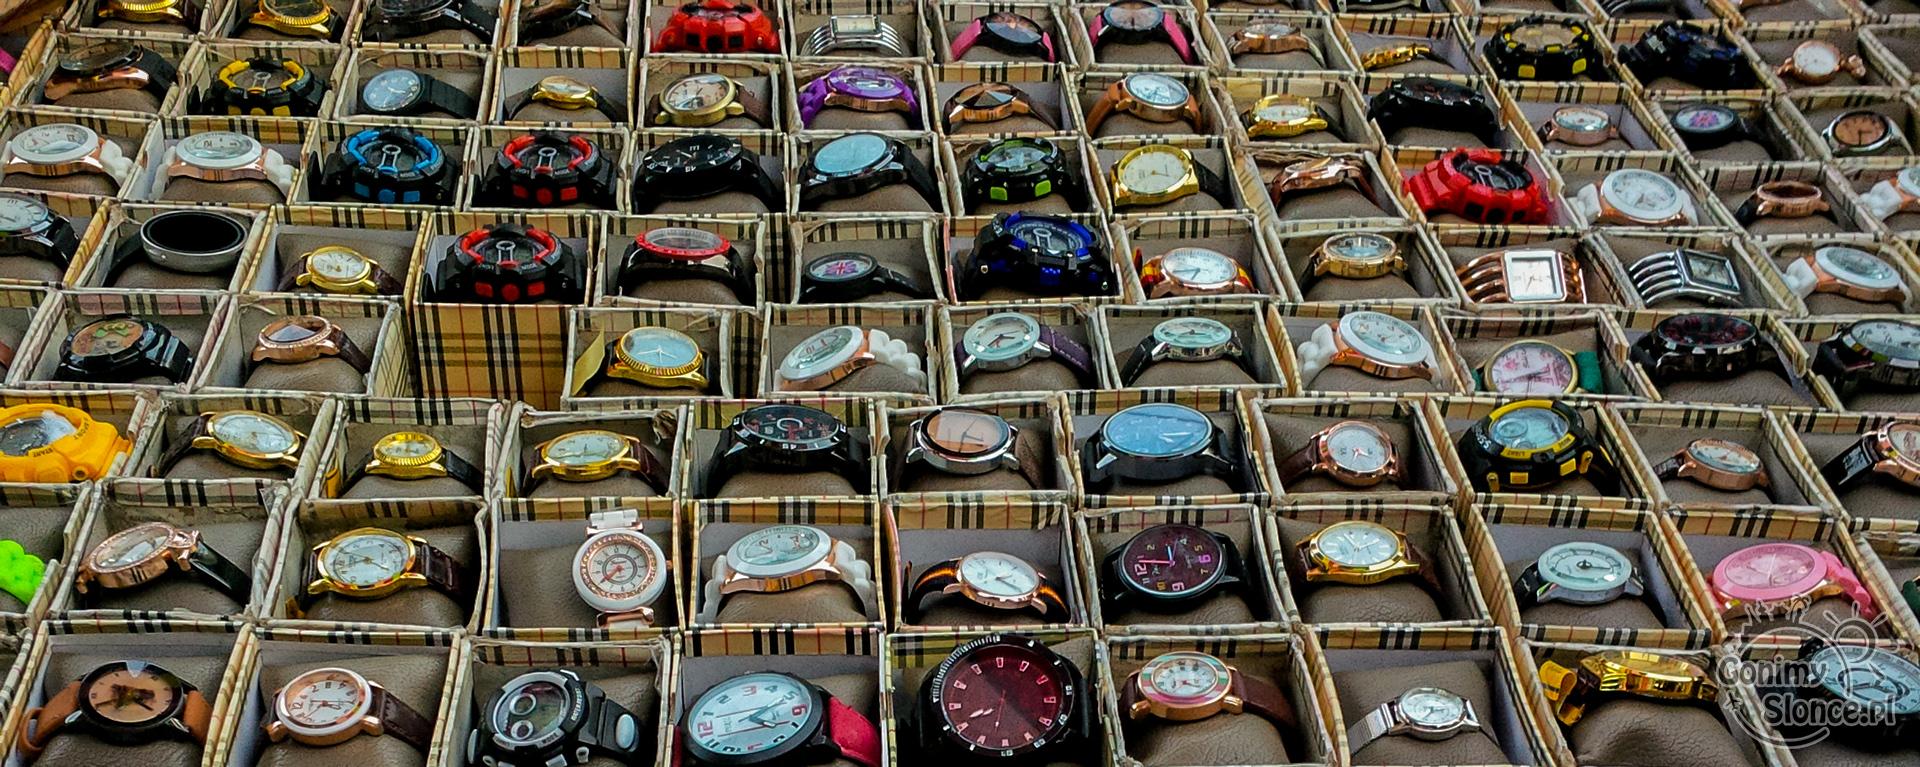 Zakupy w Bangkoku, gdzie kupować